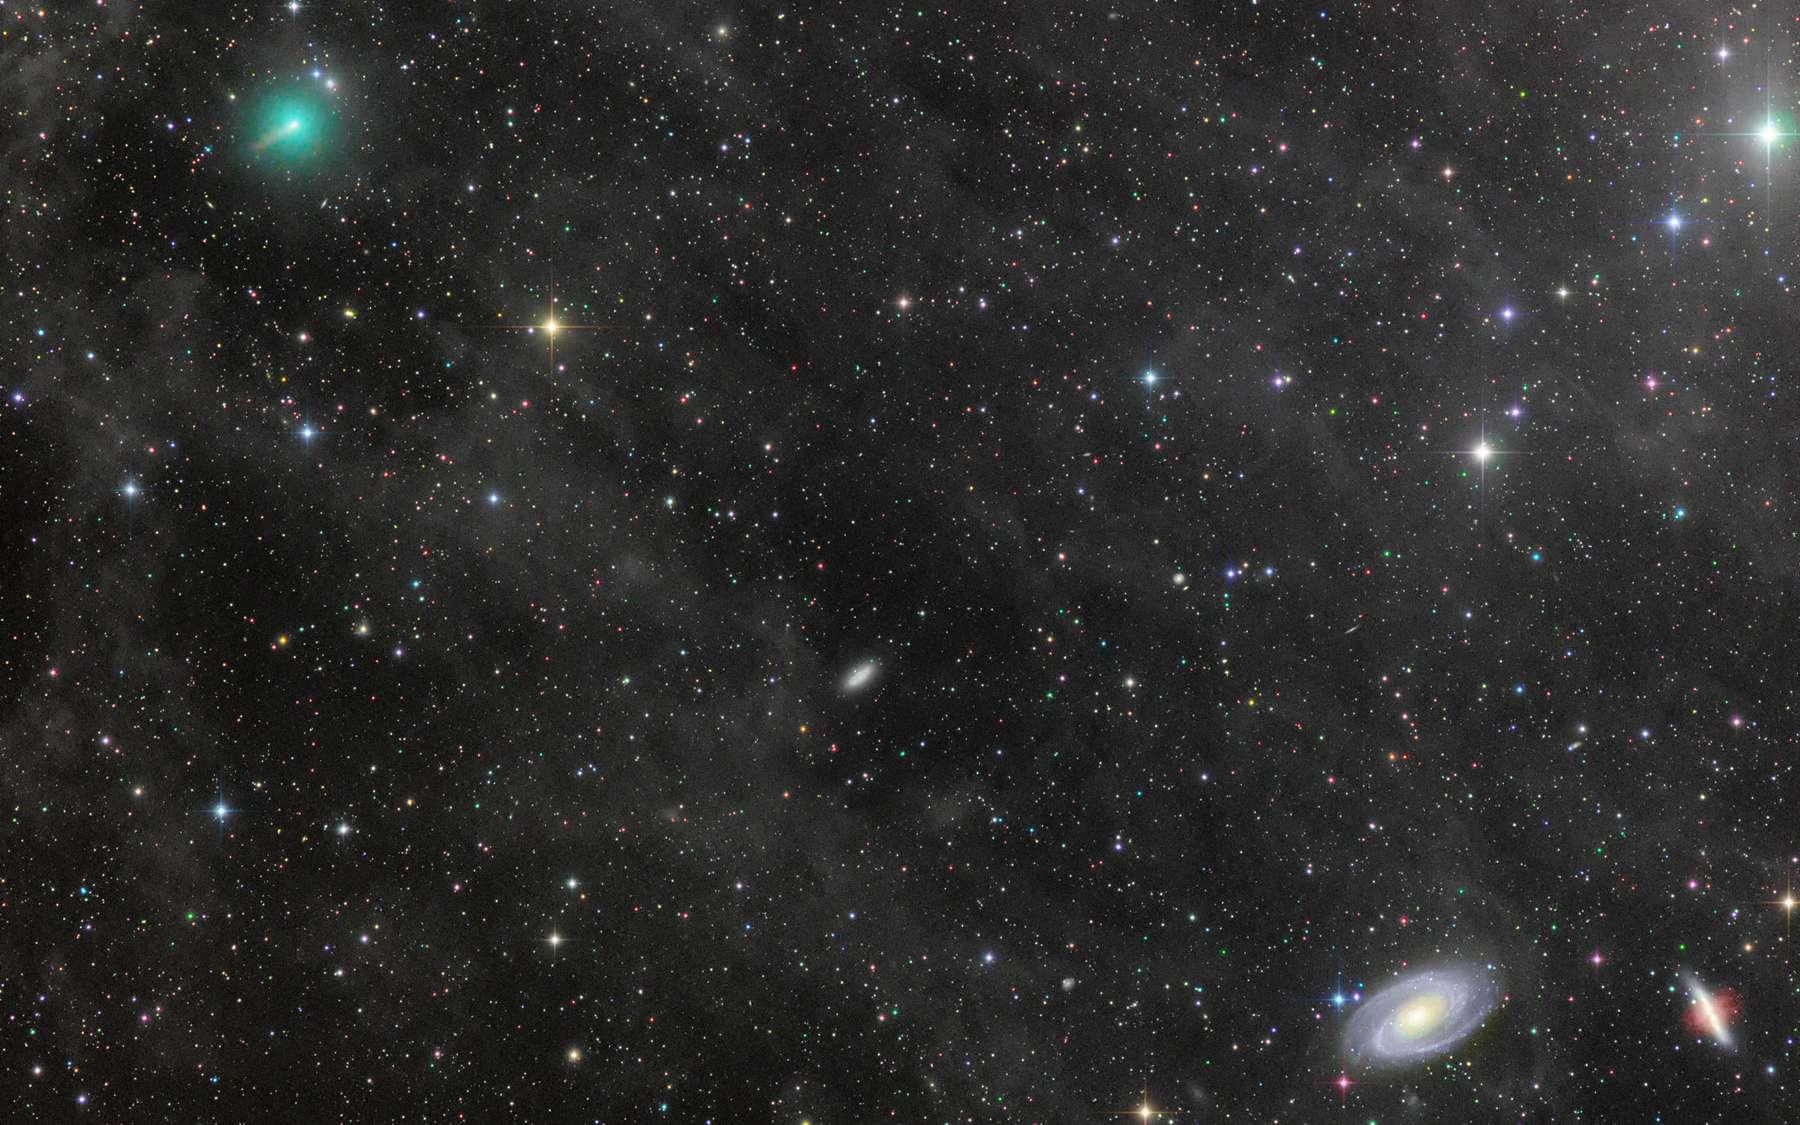 Superbe portrait de la comète Atlas passant en lisière des deux galaxies M81 et M82 le 18 mars. Photo prise au Nouveau-Mexique par l'astrophotographe Rolando Ligustri. © Rolando Ligustri, APOD